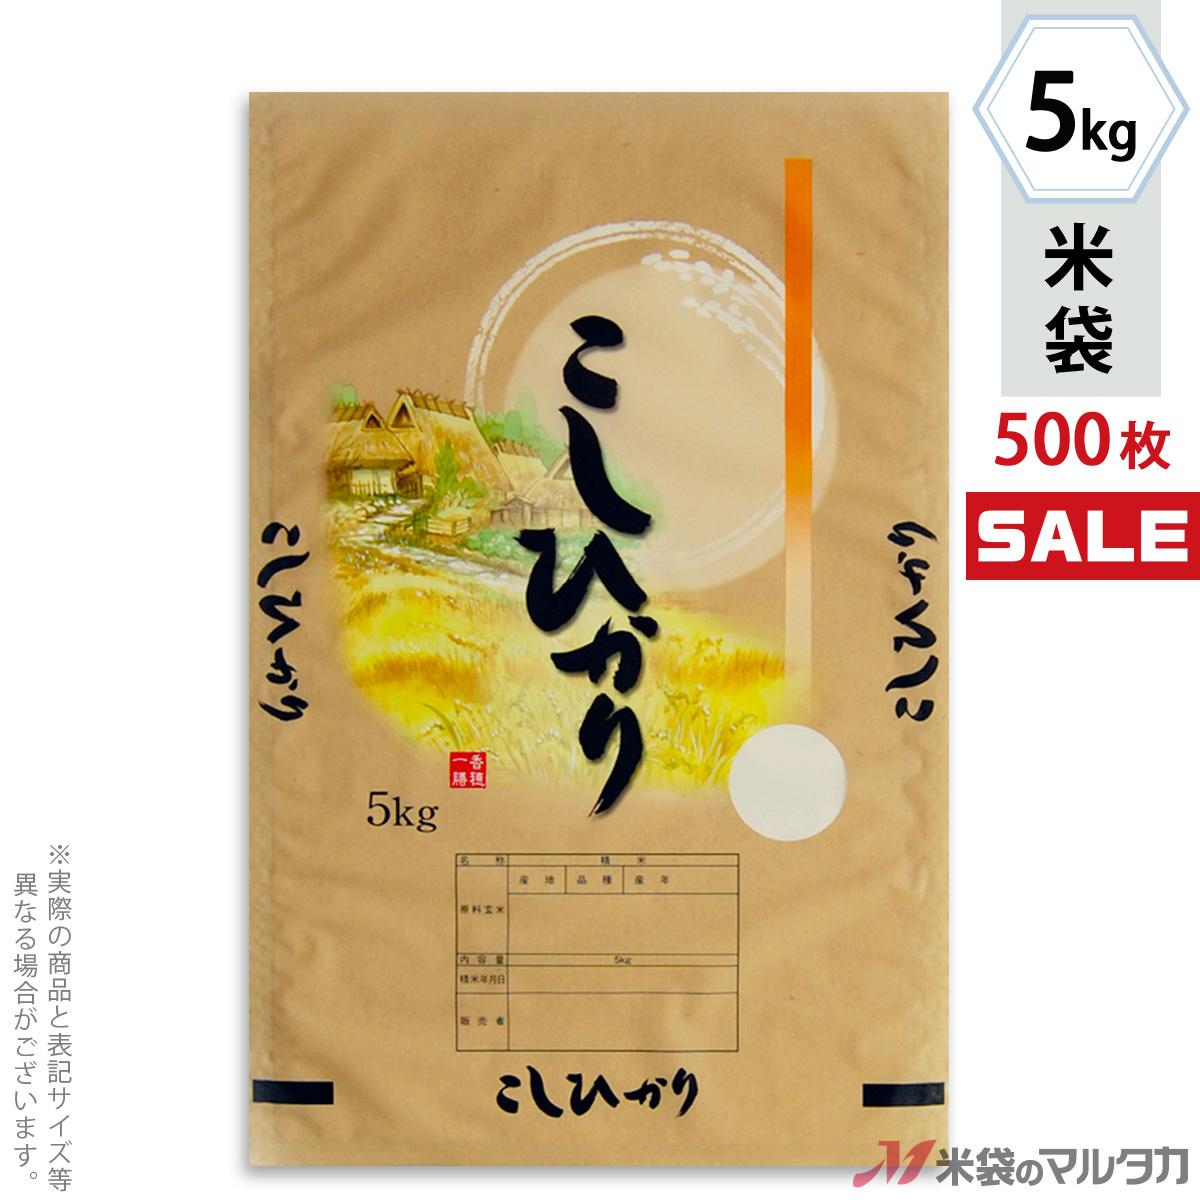 <キャンペーン対応>米袋 マットポリポリ ネオブレス こしひかり 里山 5kg 1ケース(500枚入) MP-5520